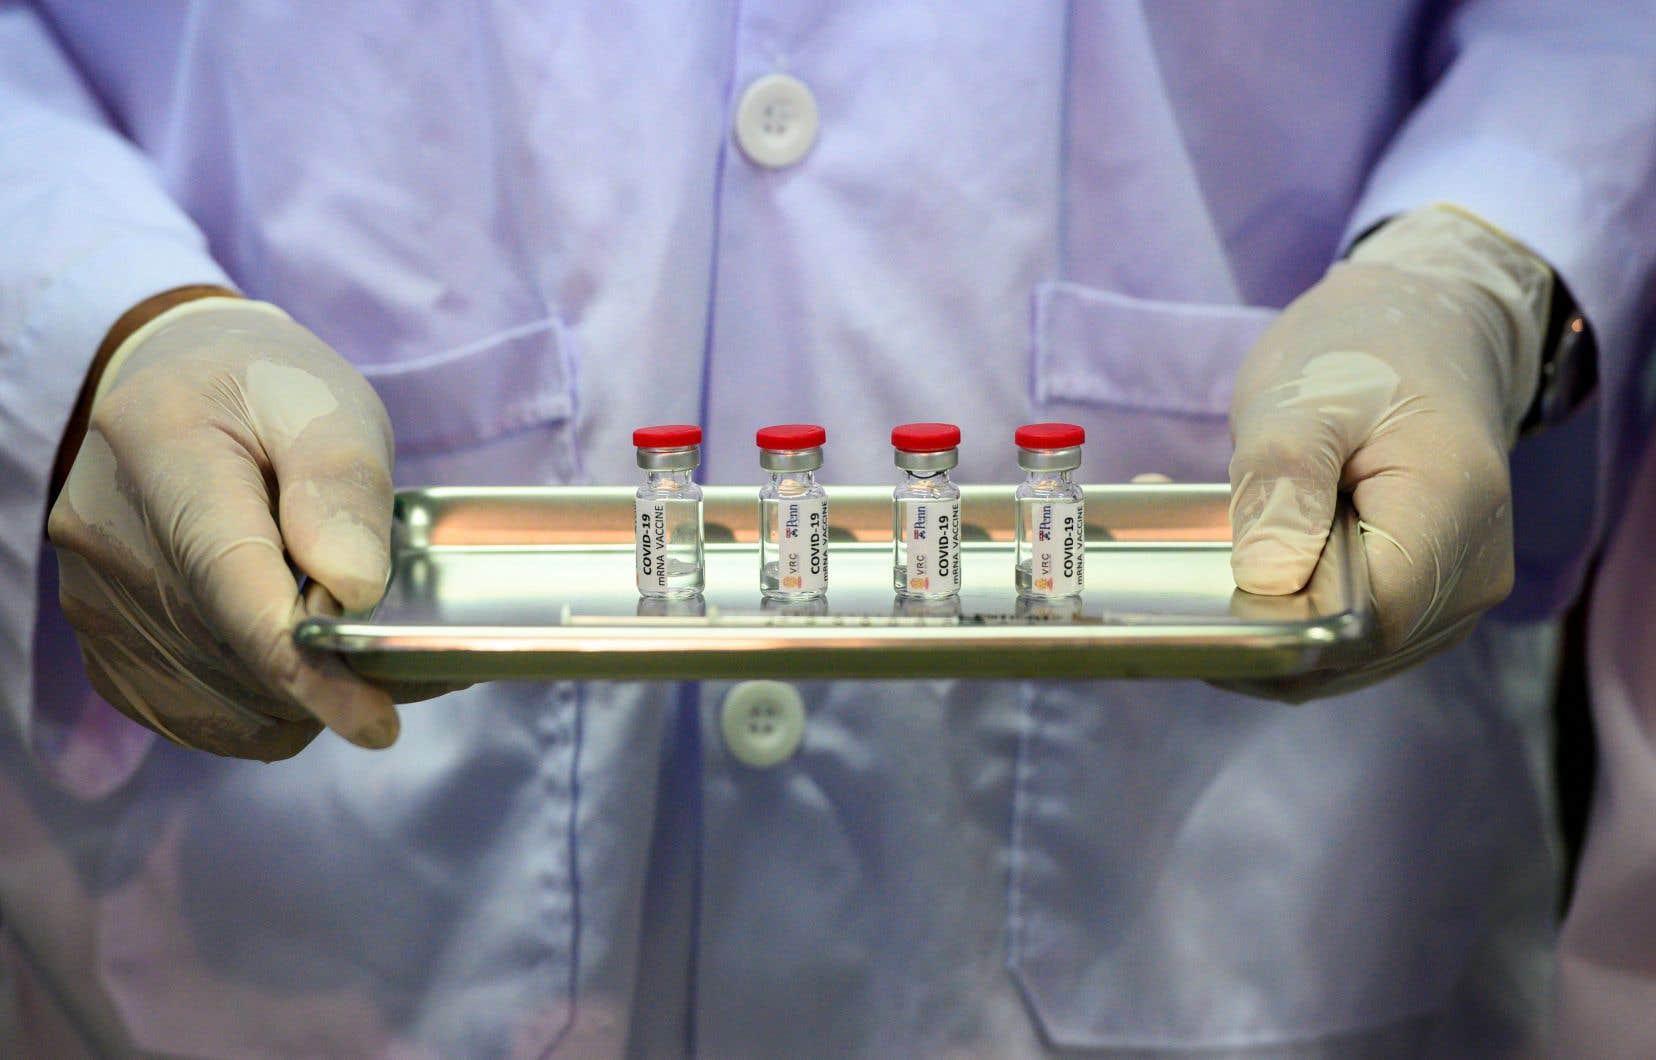 Selon la la directrice de la santé publique du Canada, D<sup>re</sup>Theresa Tam, un groupe de travail indépendant sur les vaccins conseille le gouvernement fédéral concernant différentes options pour le choix du vaccin au pays, notamment en explorant la possibilité de fabriquer un remède potentiel canadien contre la COVID-19.